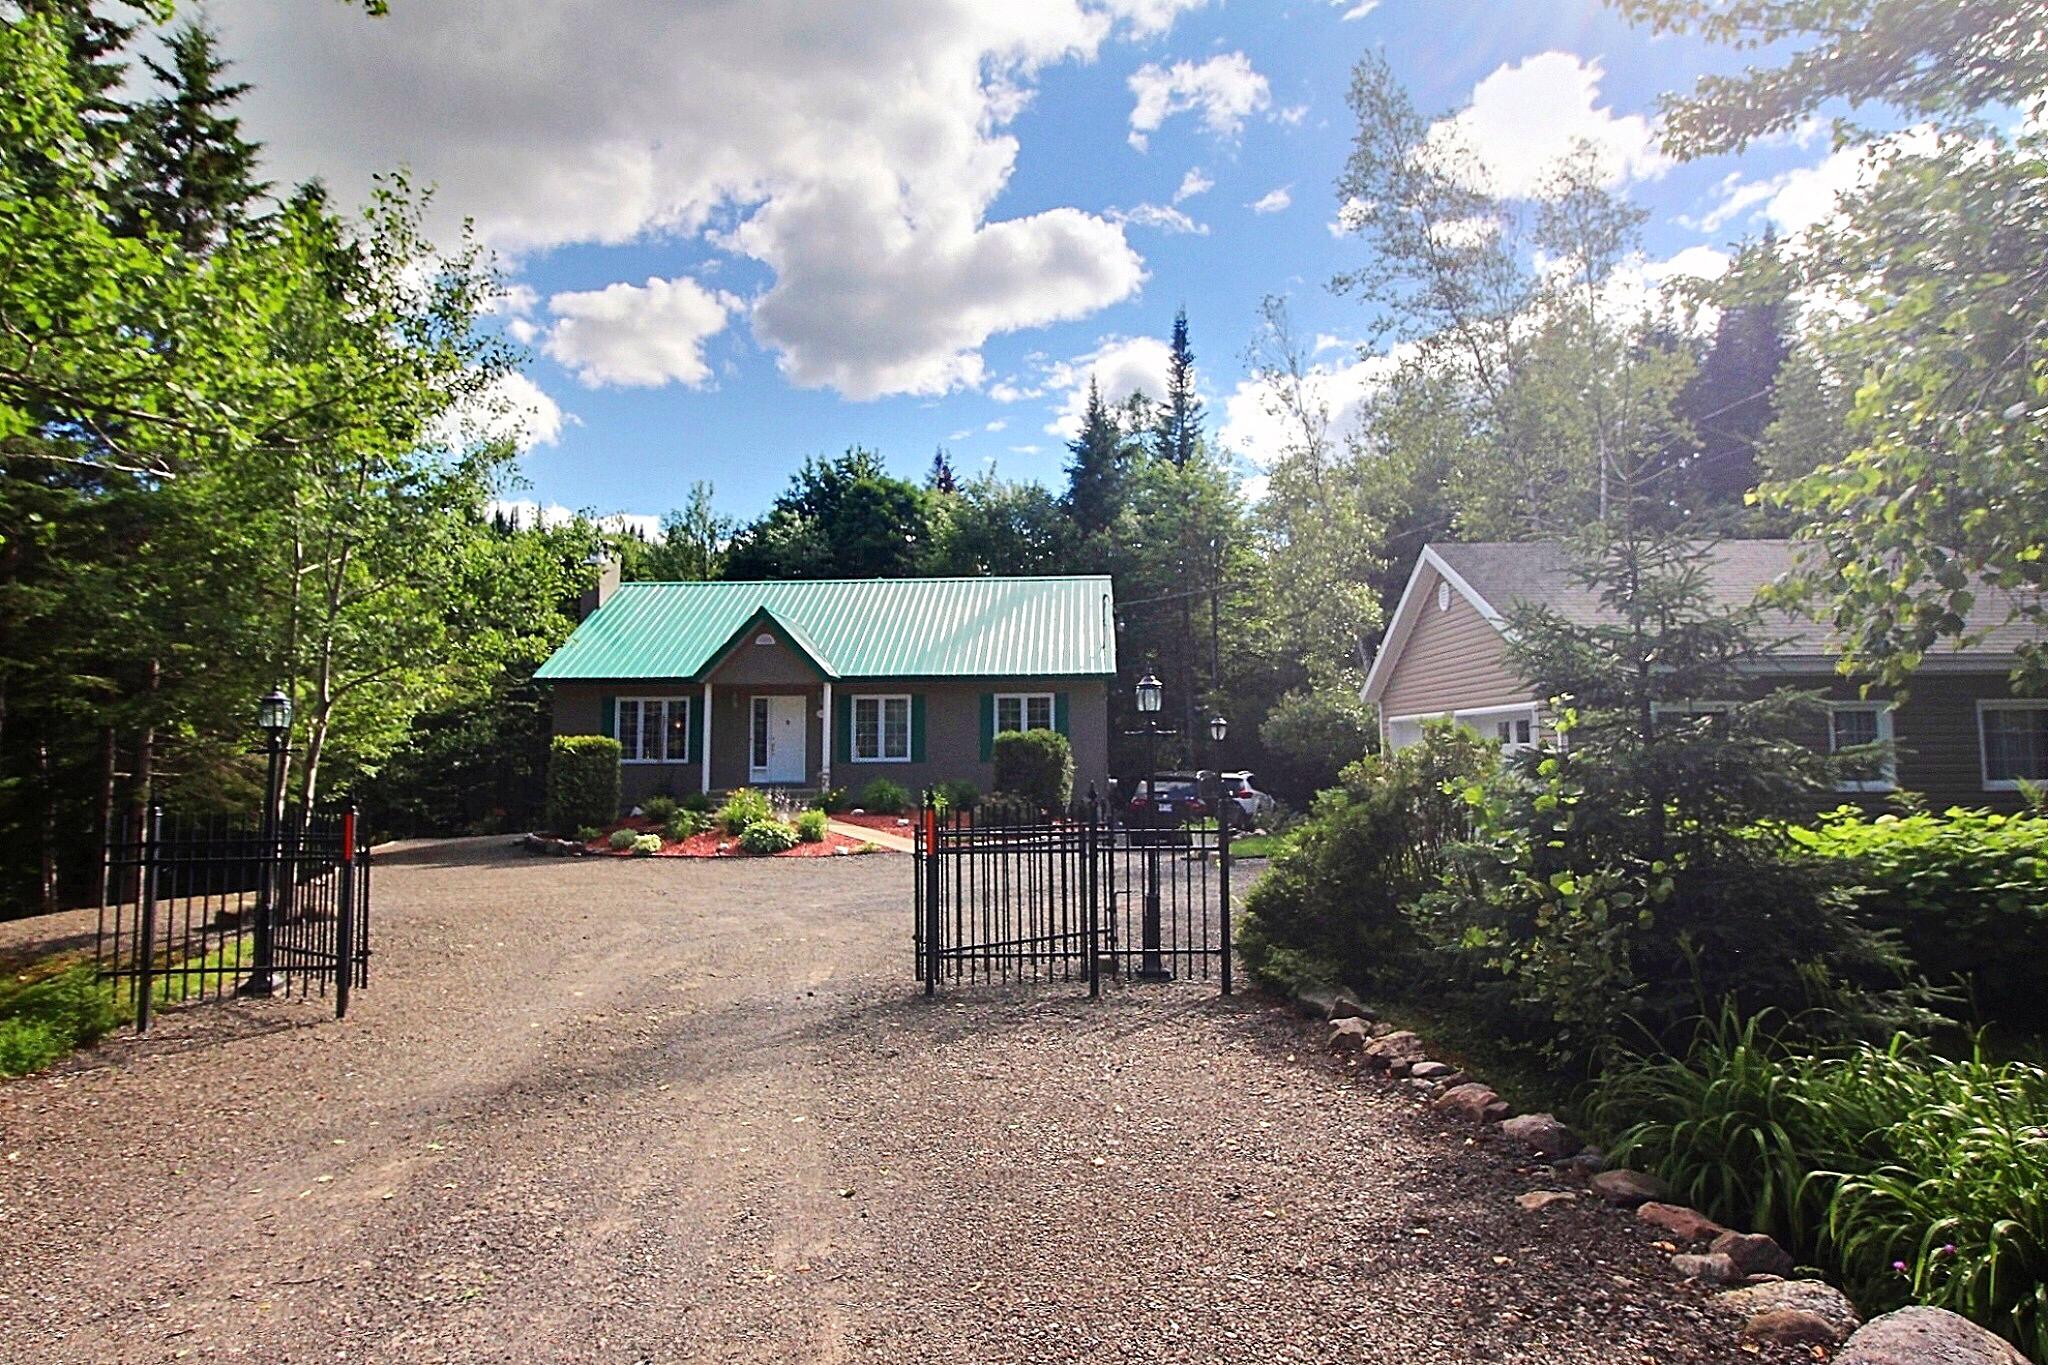 Maison bord de leau a vendre Lac-Beauport Québec David Fafard Courtier immobilier